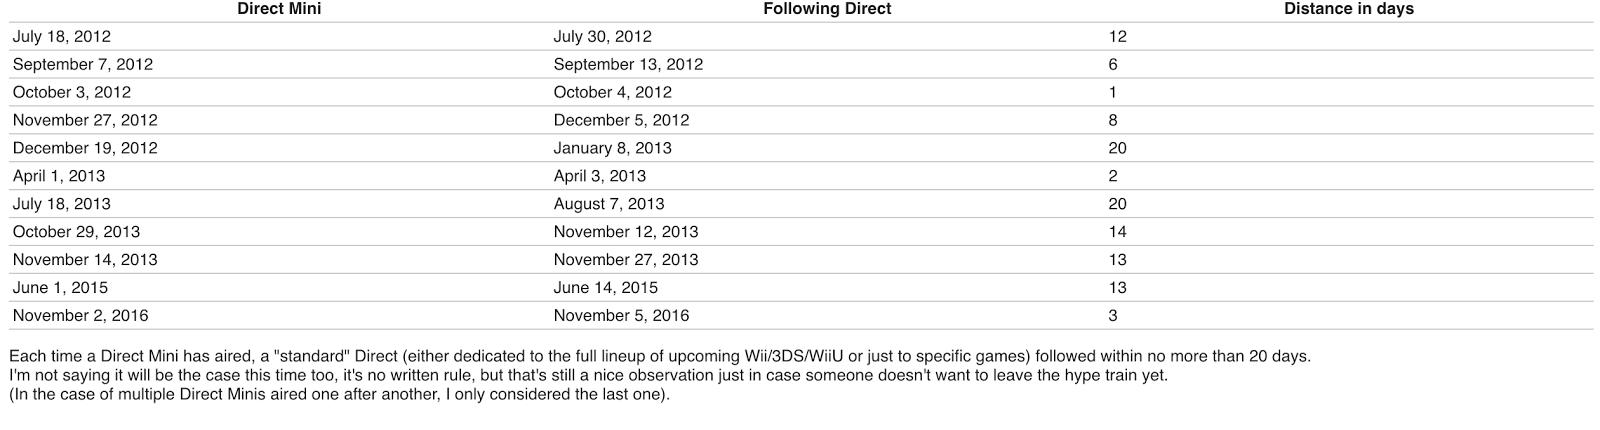 Se avecinaría un nuevo Nintendo Direct muy pronto